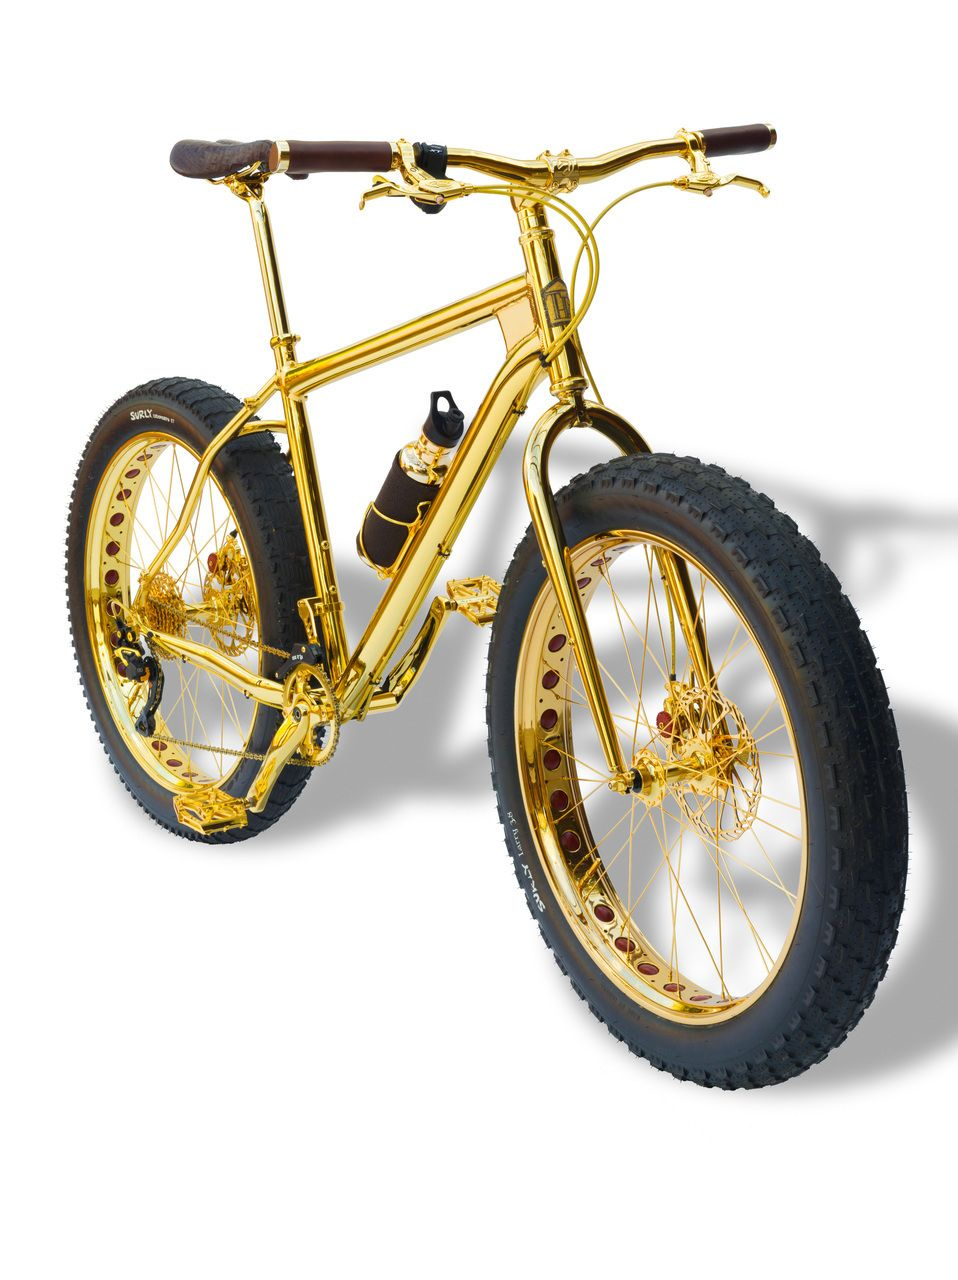 EINMALIGE VERWENDUNG Luxusrad; Hersteller House of solid gold; Fatbike gold